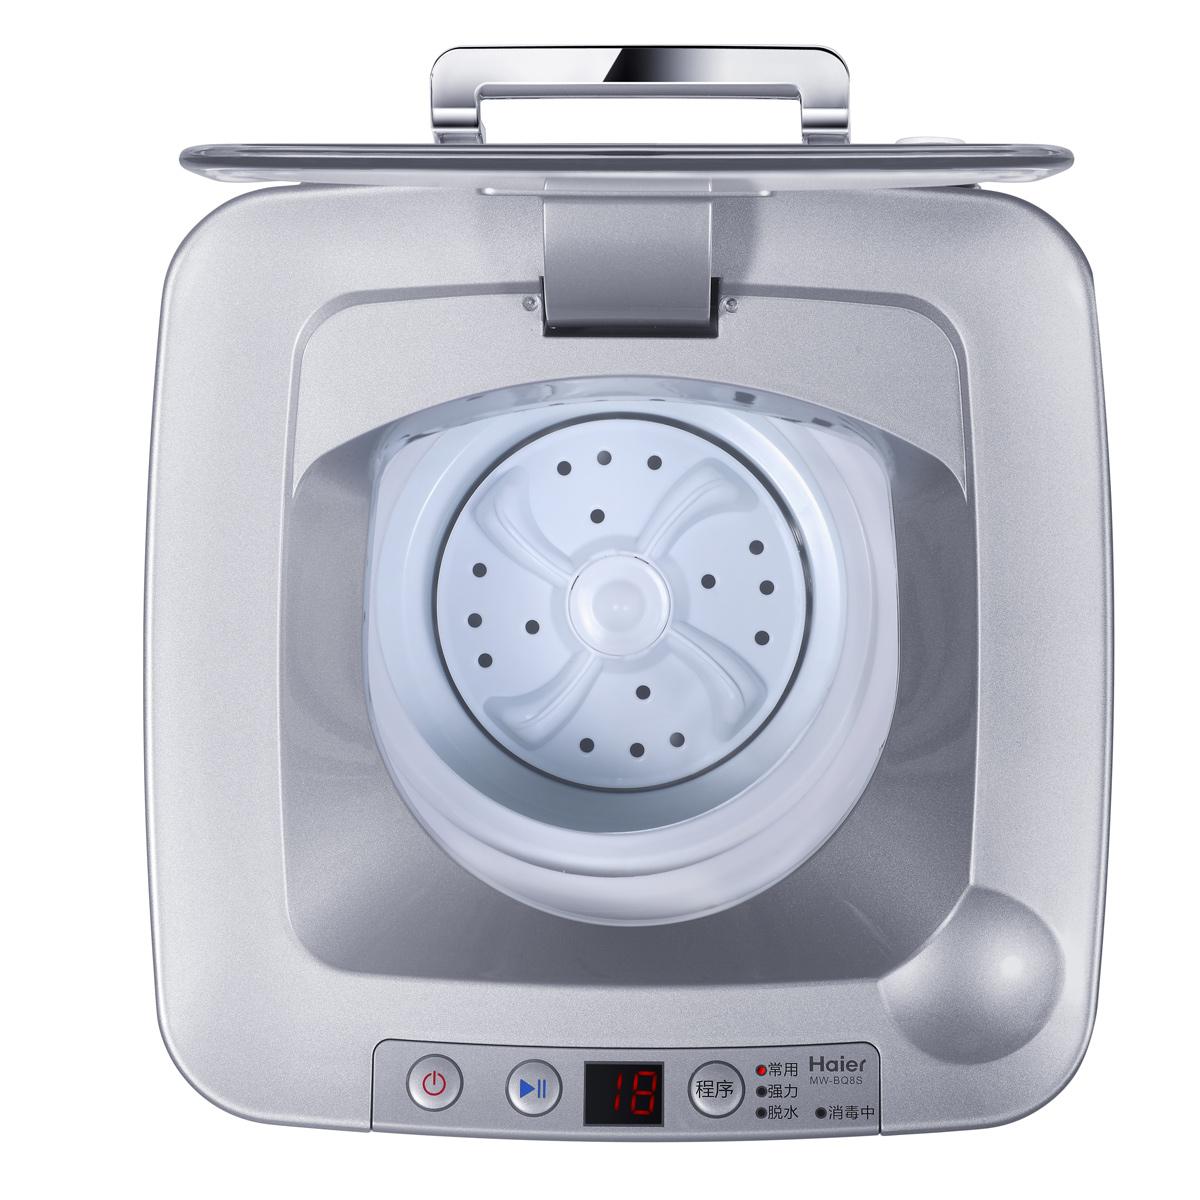 海尔mini洗衣机 mw-bq8s